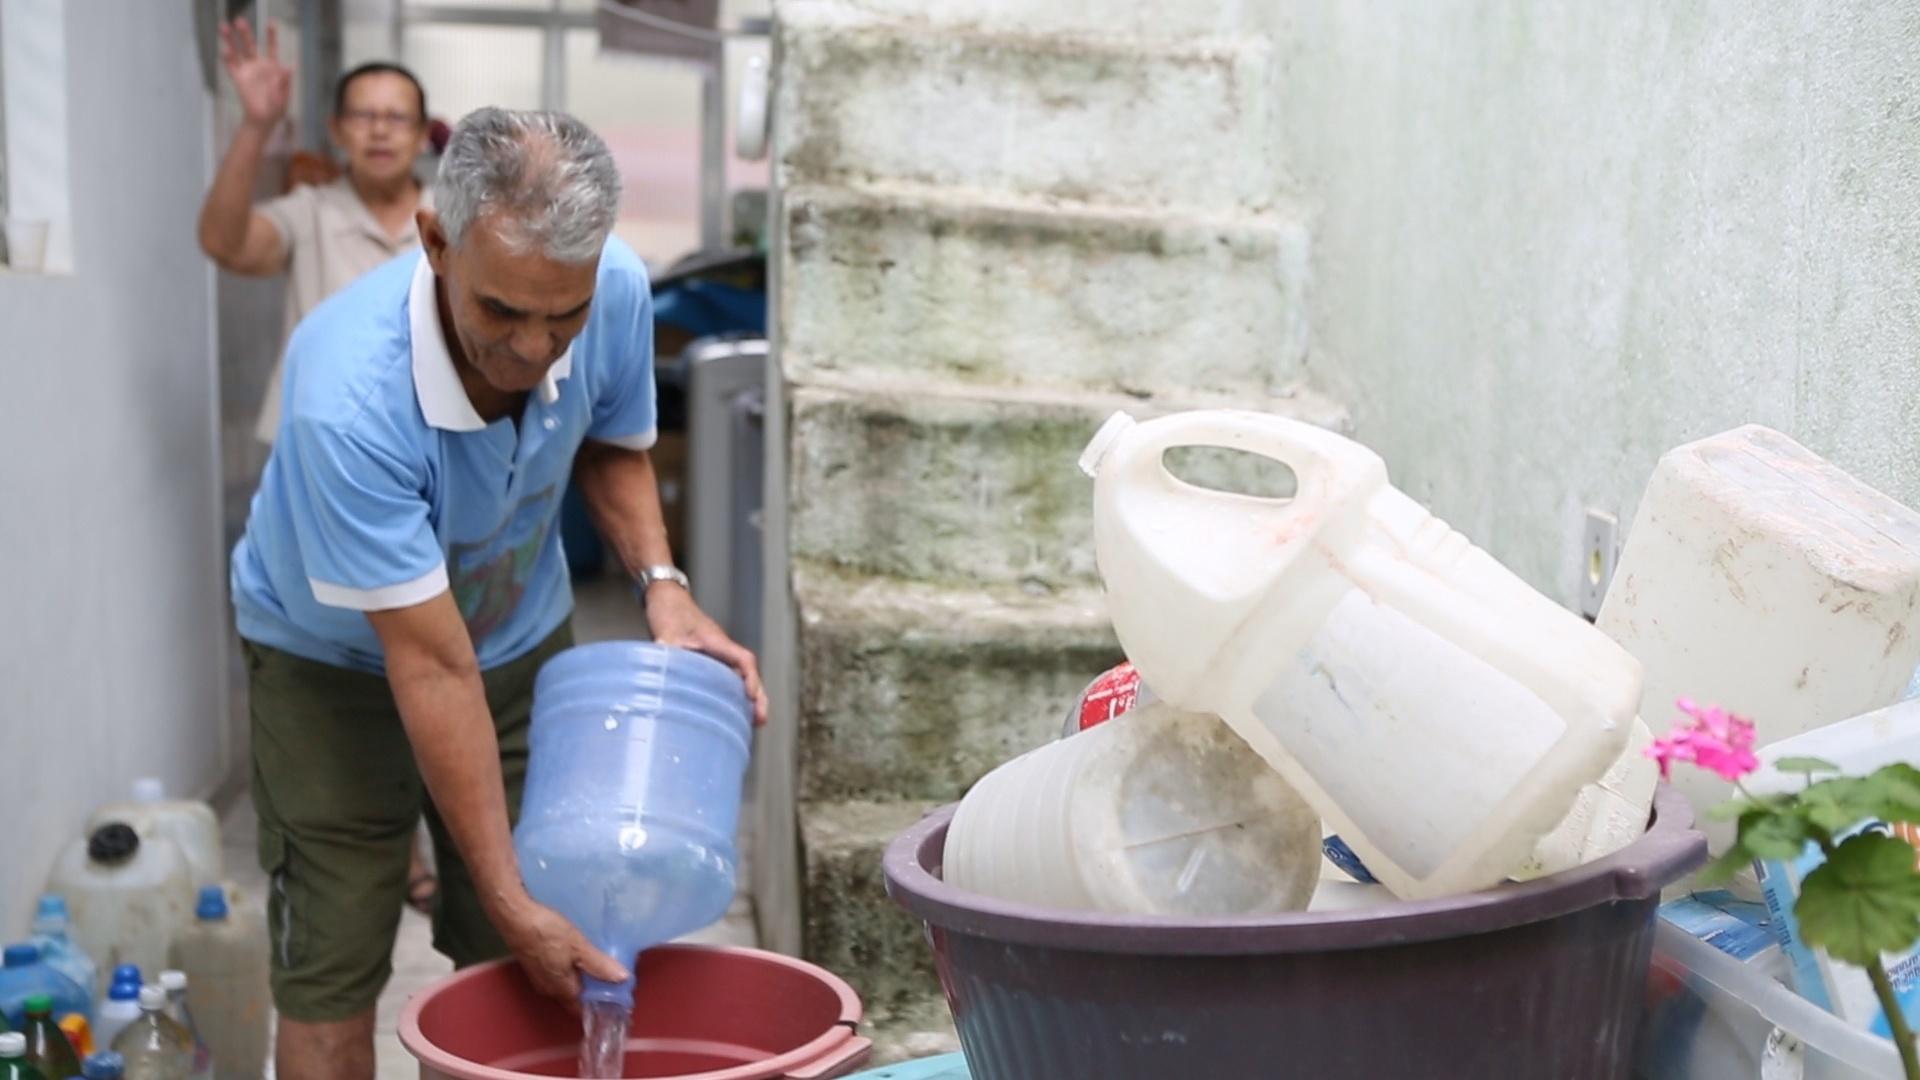 3.out.2015 - Na casa de Francisco Fernandes Rosa, 67, a solução encontrada foi captar água da chuva. O aposentado mora na zona norte de São Paulo